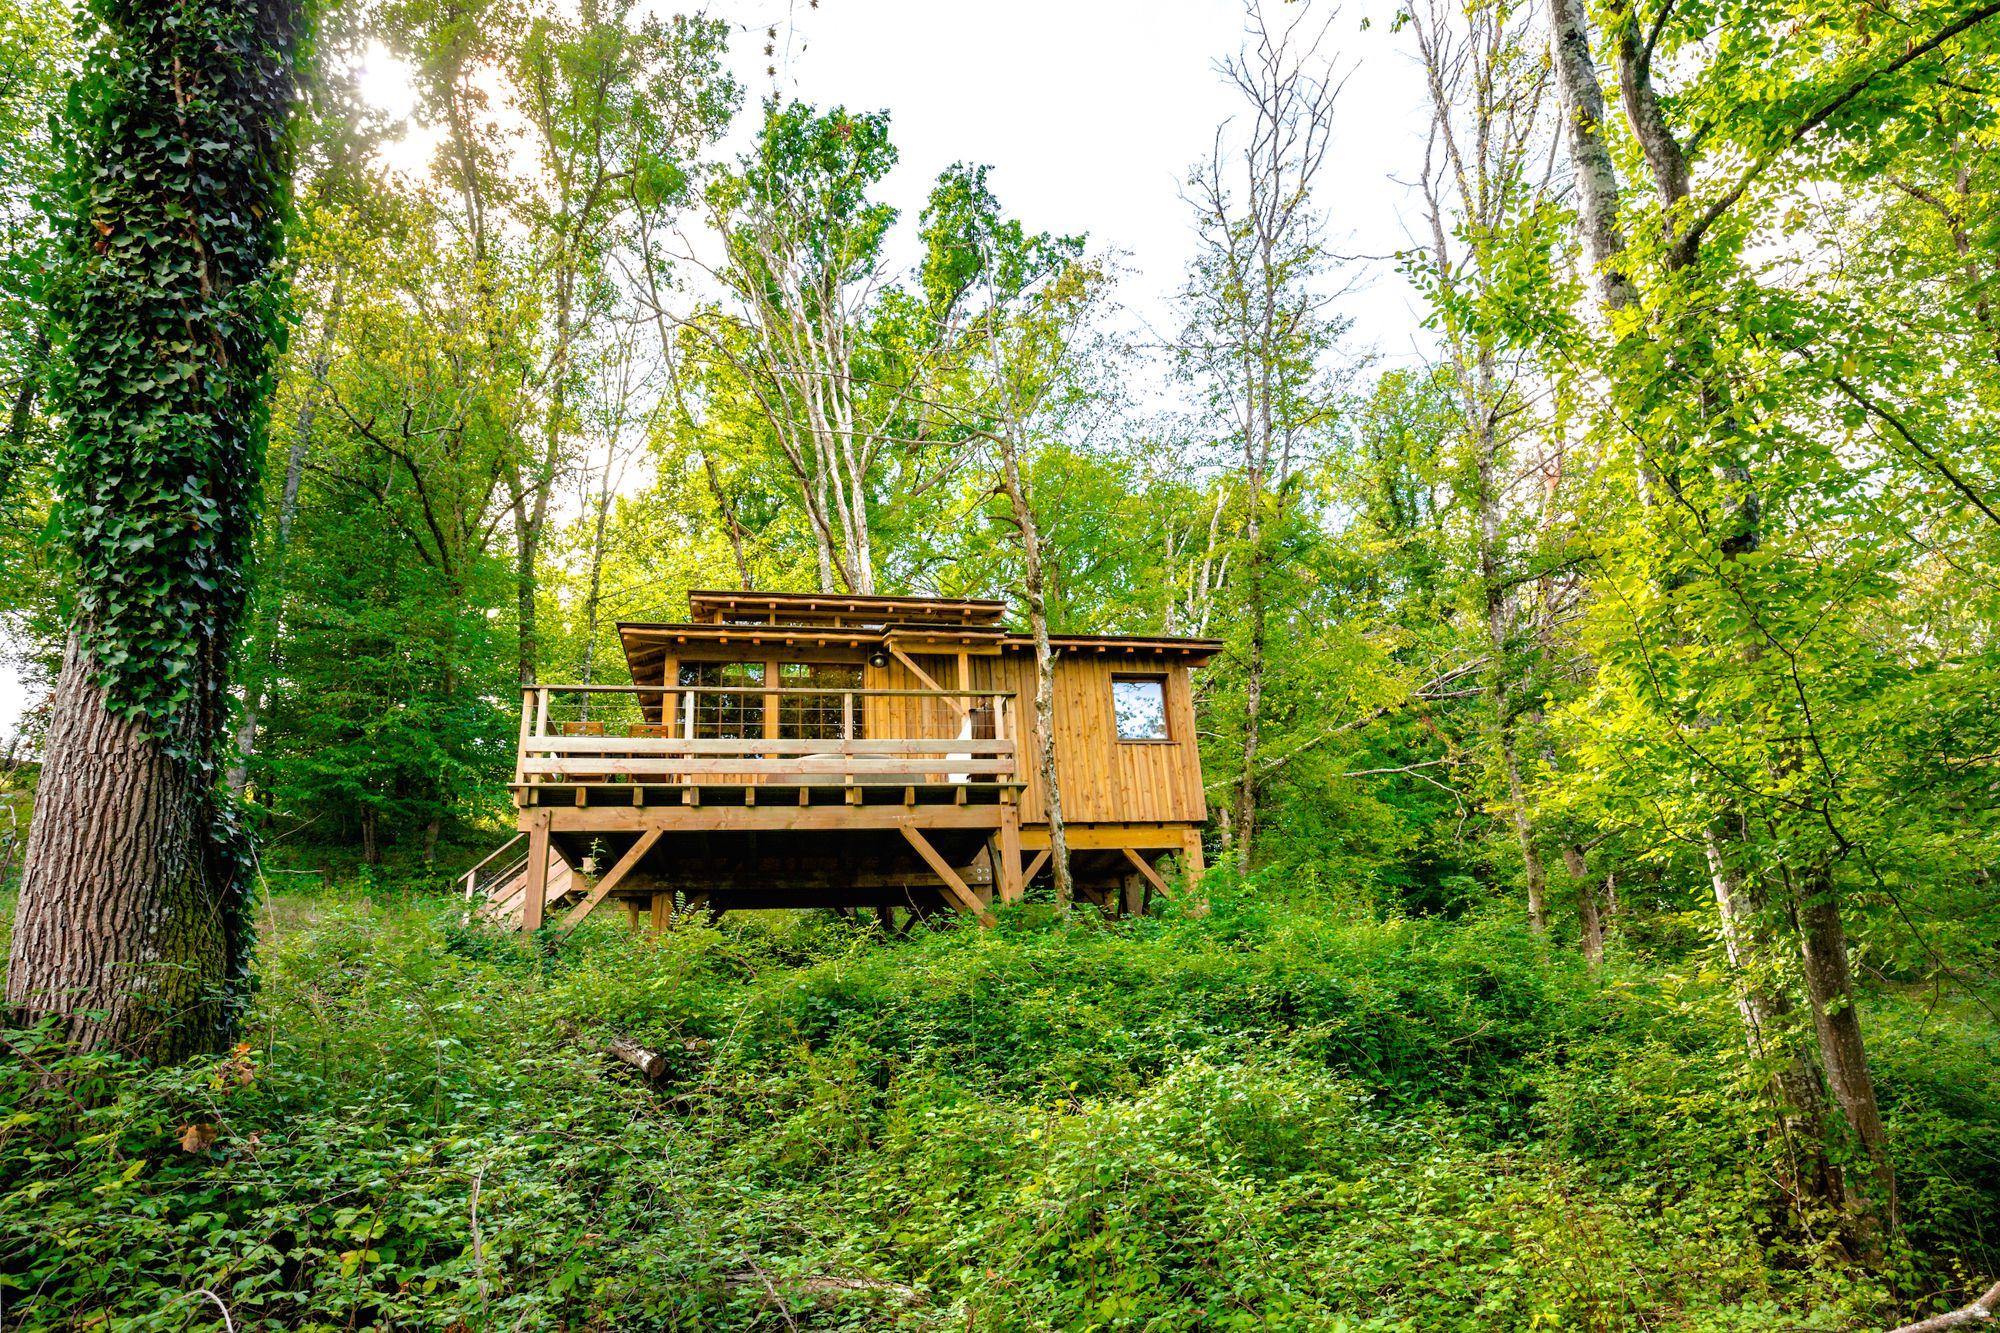 Campsites in Midi-pyrénées – I Love This Campsite